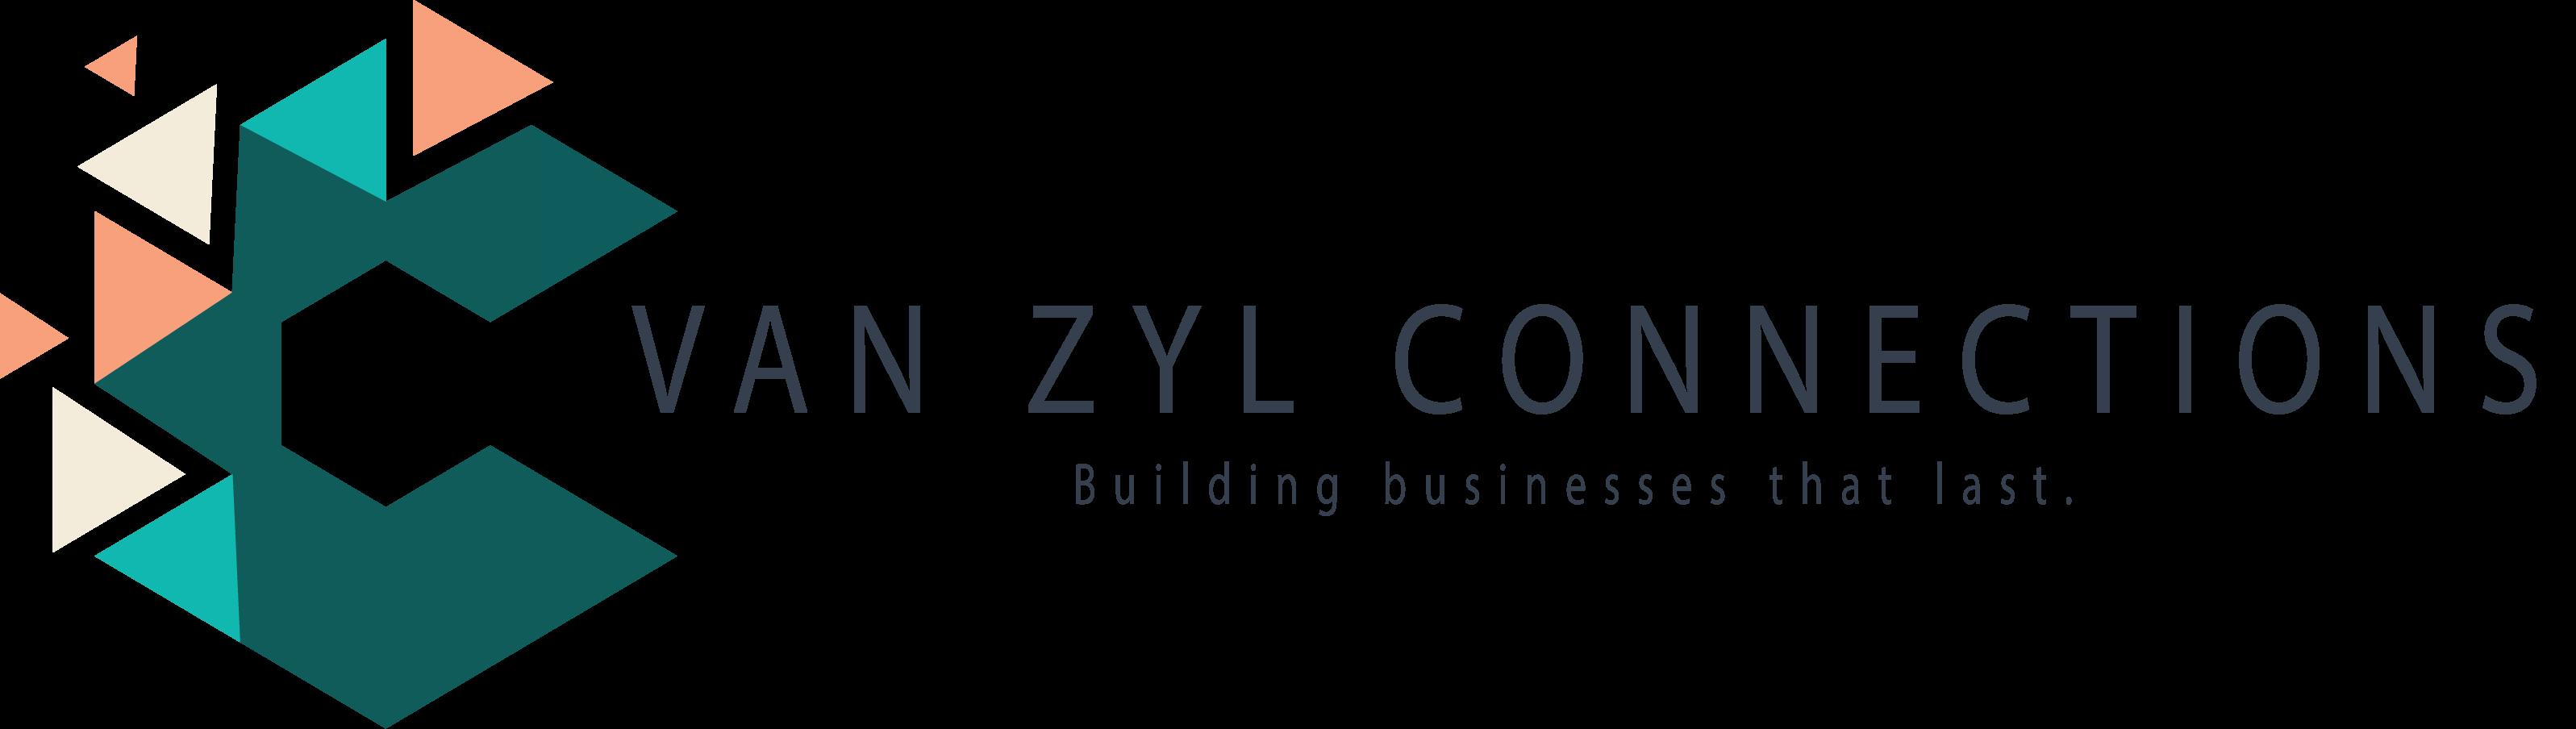 VAN ZYL Connections